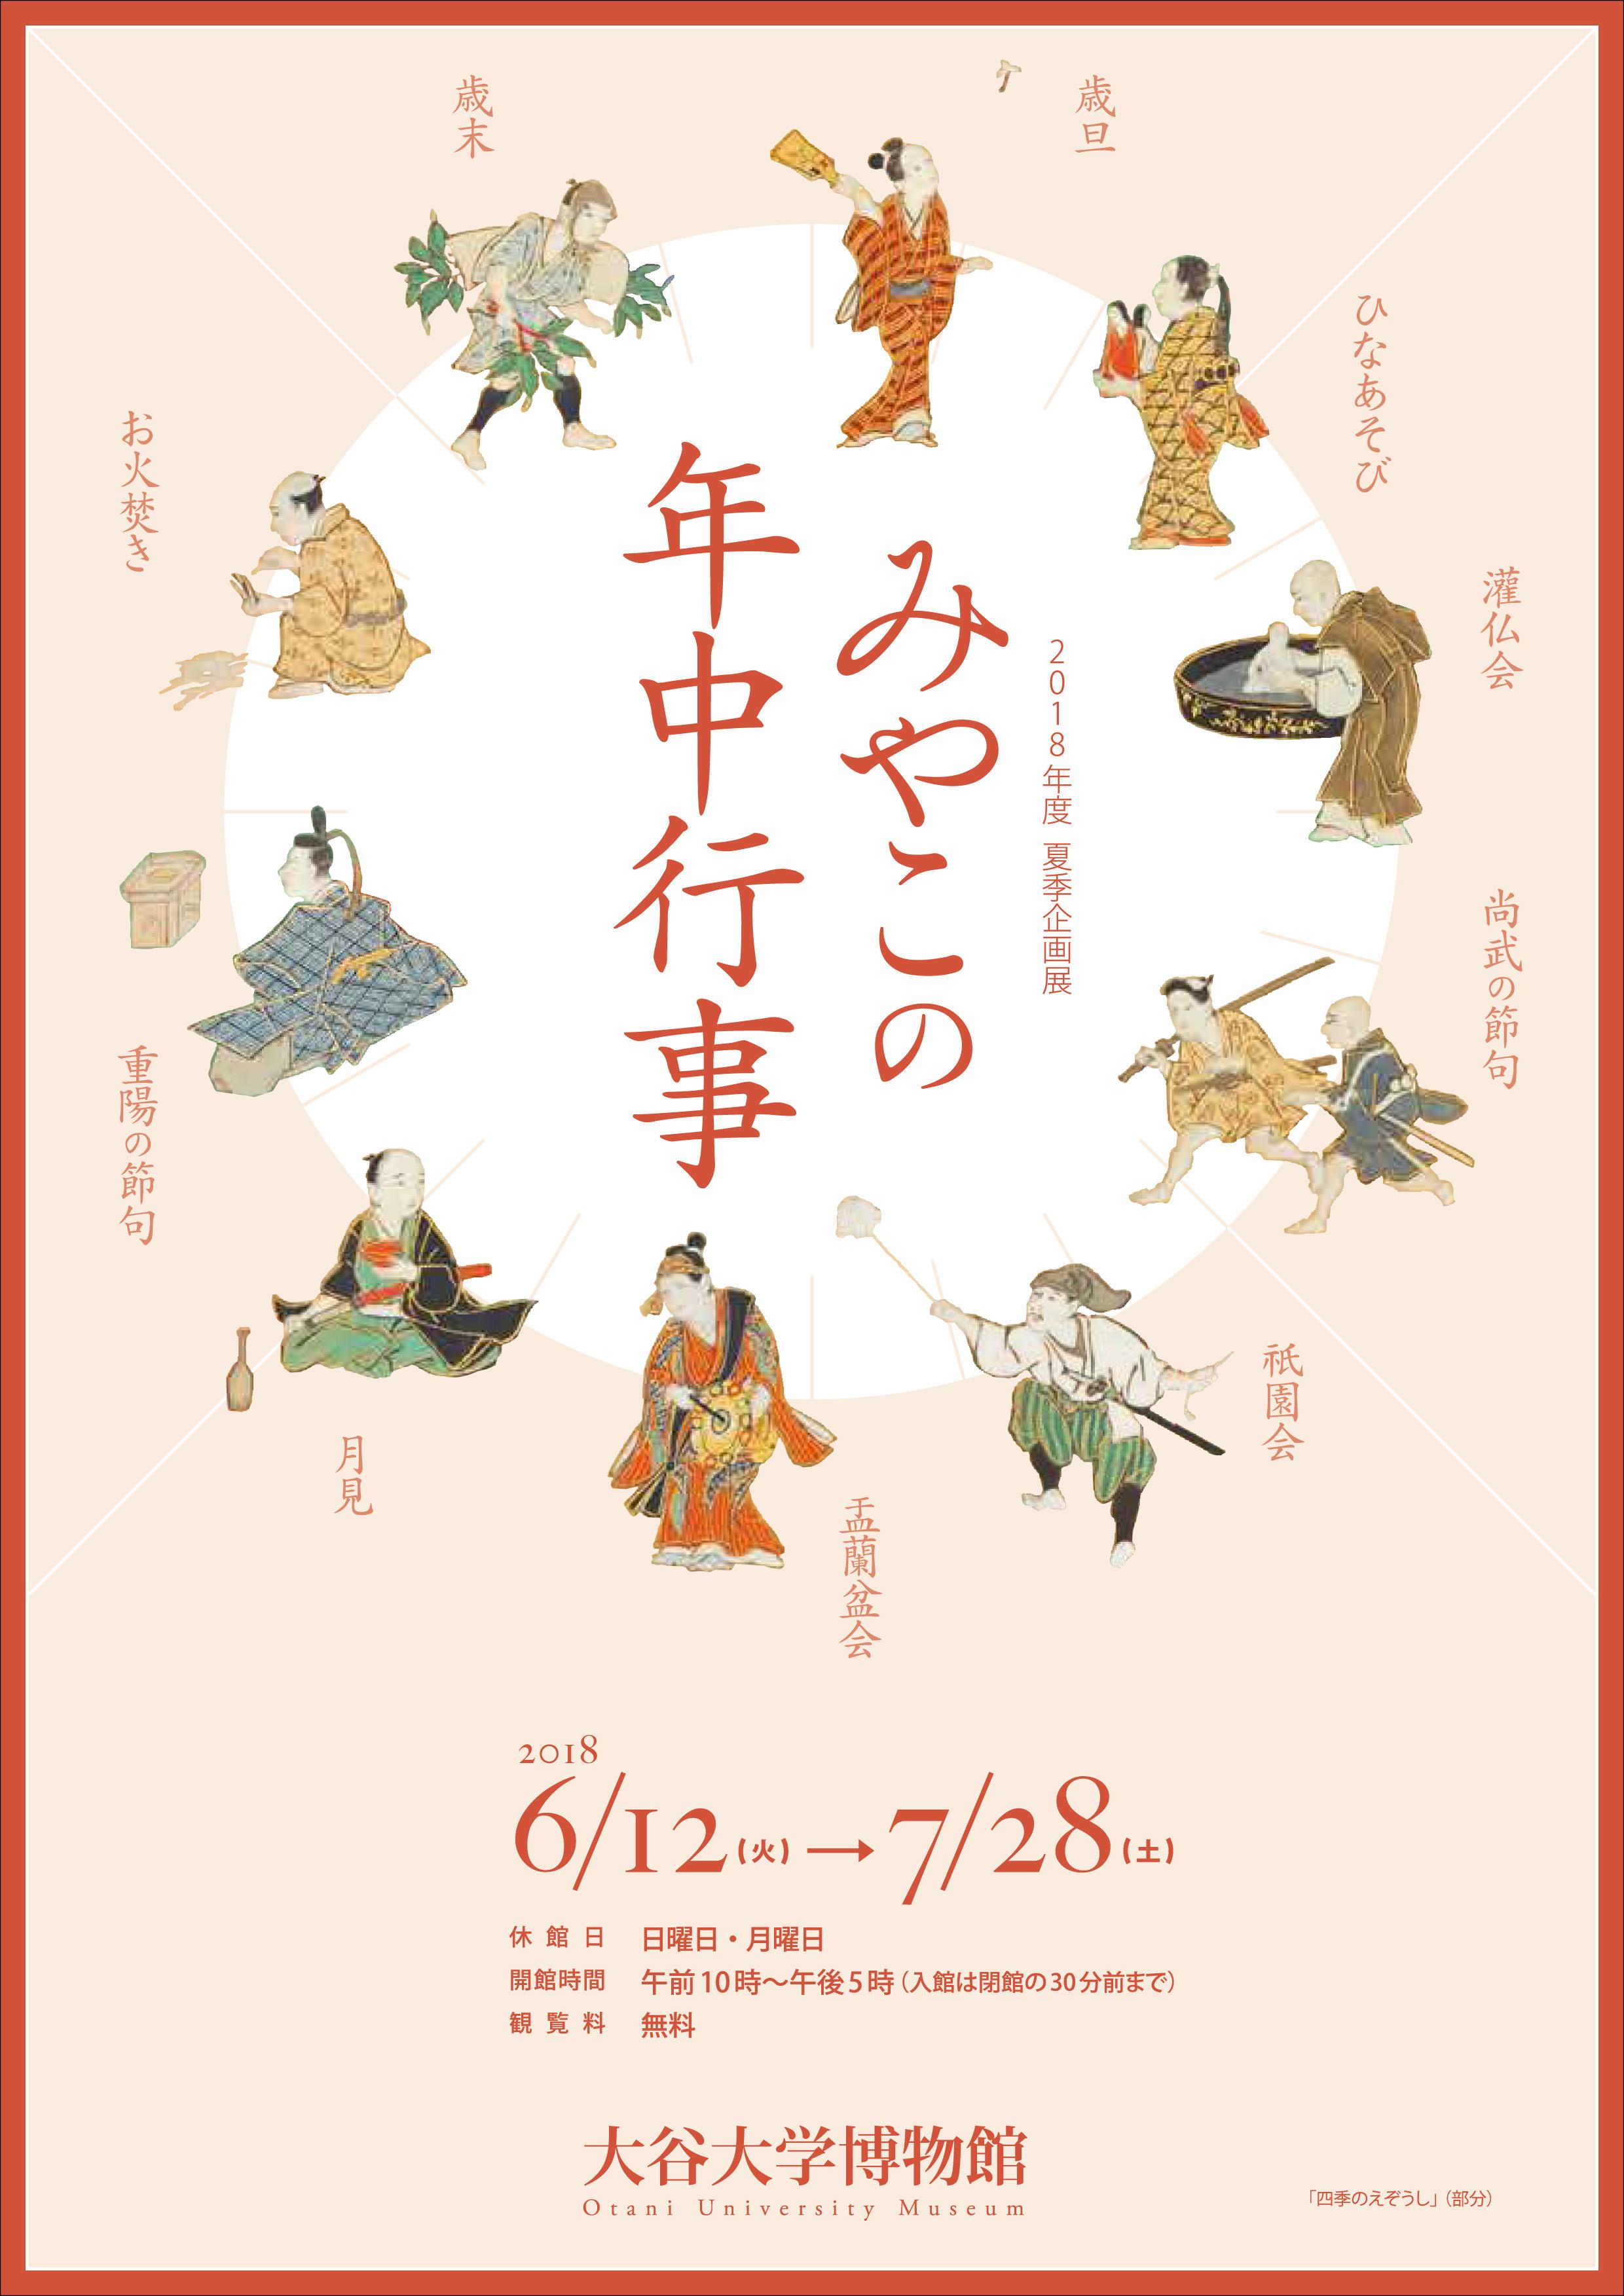 大谷大学博物館 夏季企画展「みやこの年中行事」を開催中! 花祭り・葵祭・祇園祭・五山の送り火など、京都の1年を取り上げ、その源流と当時の人々の姿を紹介